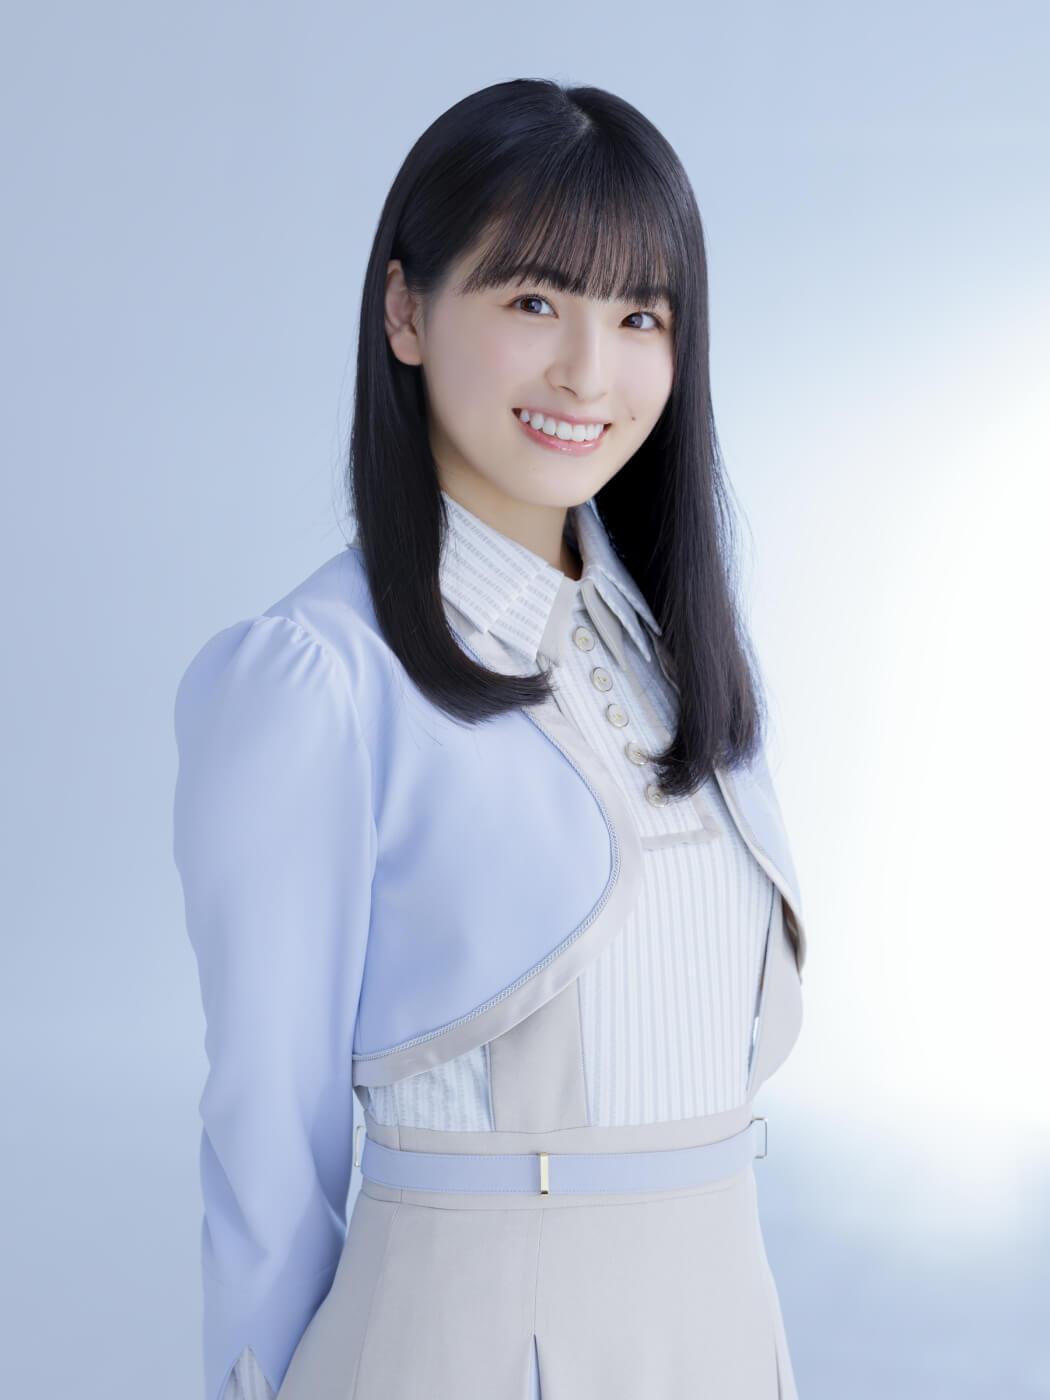 4月11日(日)よる6時から 3期生・大園桃子が登場!